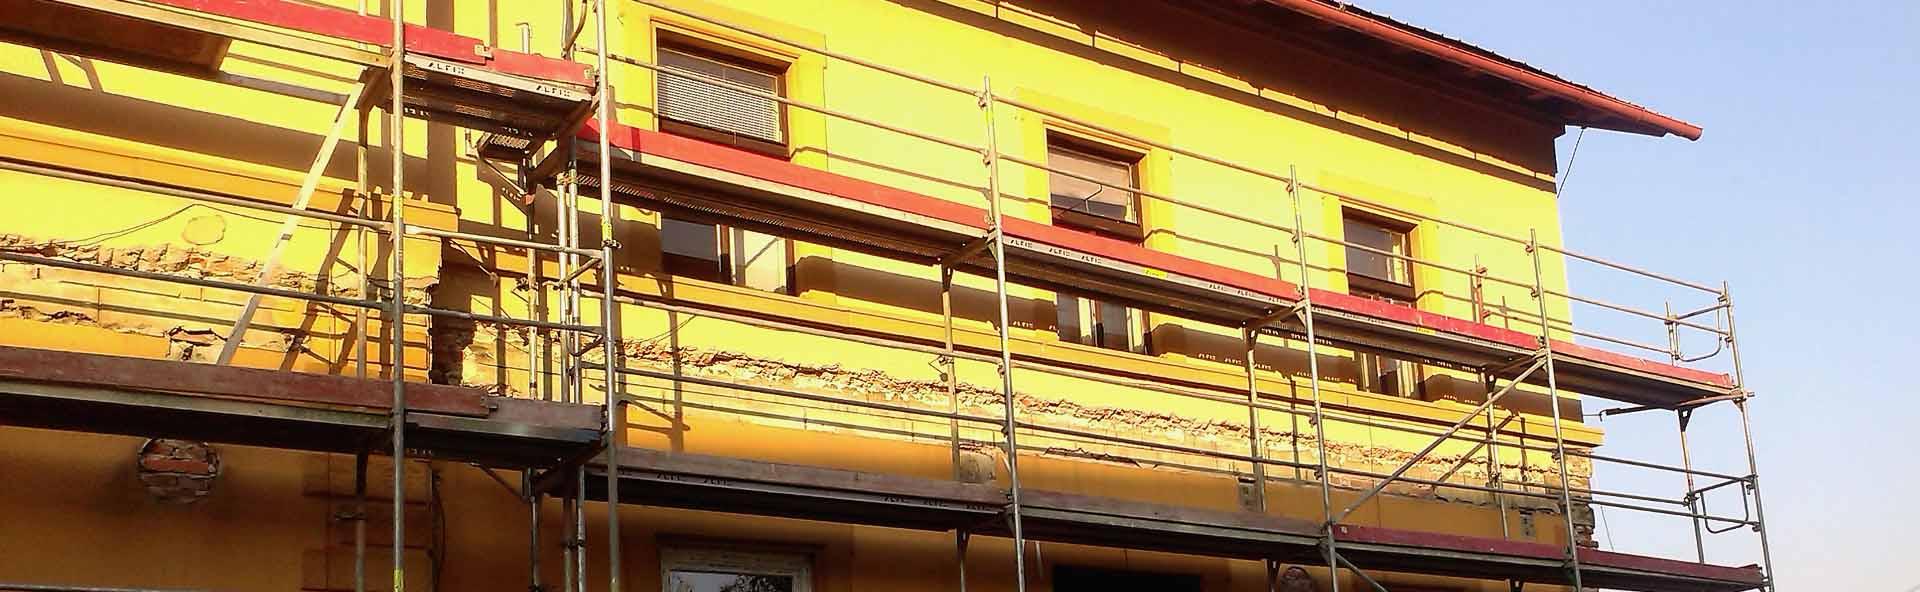 lešení na budovách